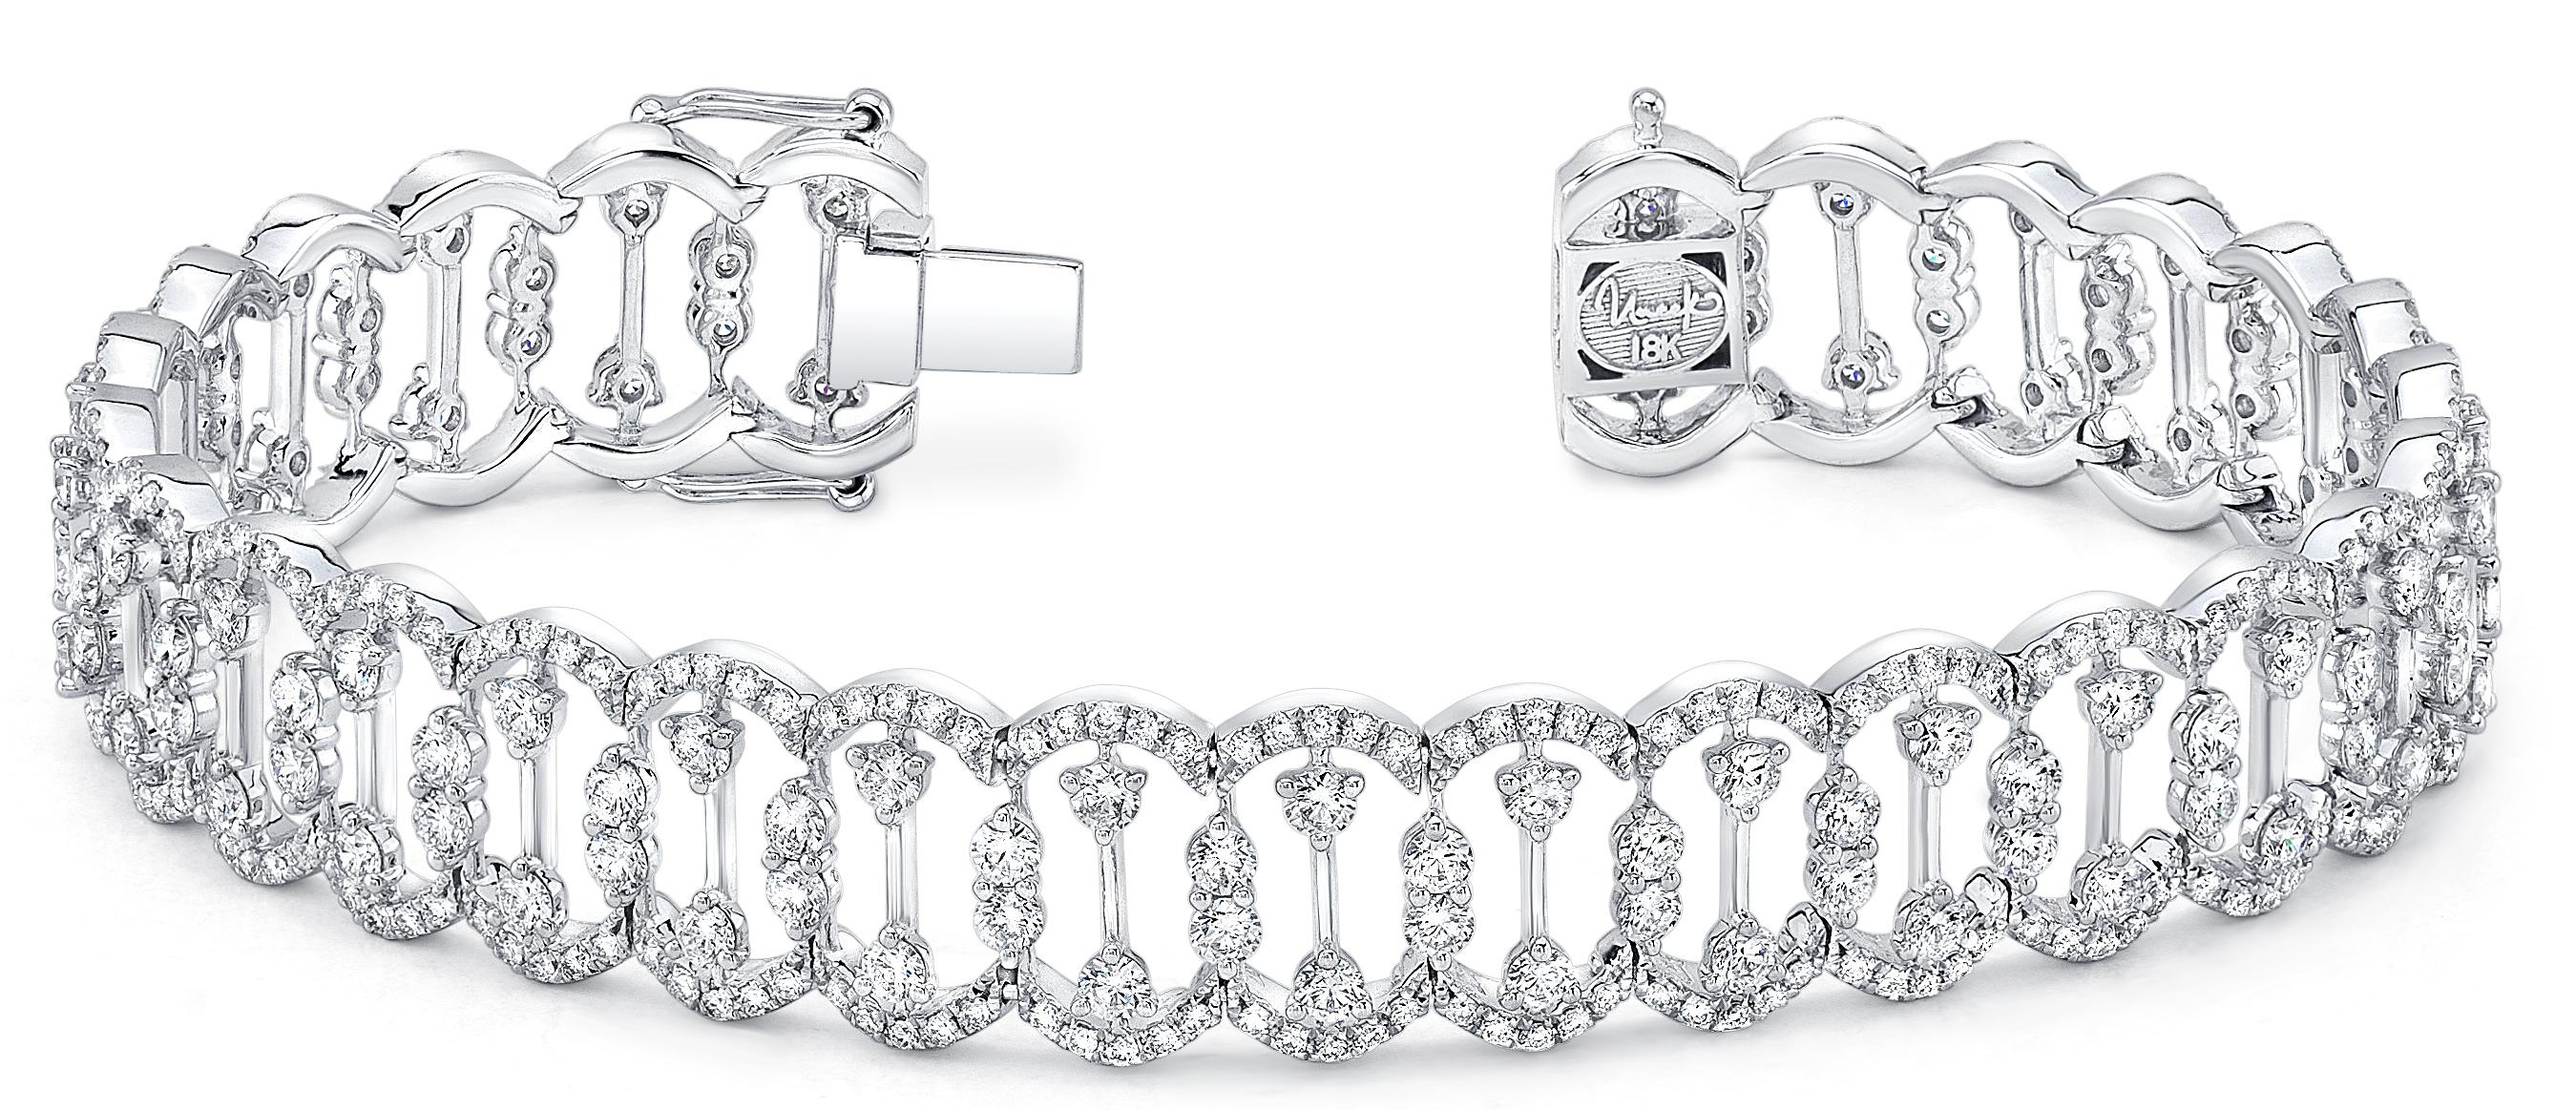 Uneek Lace collection diamond bracelet | JCK On Your Market